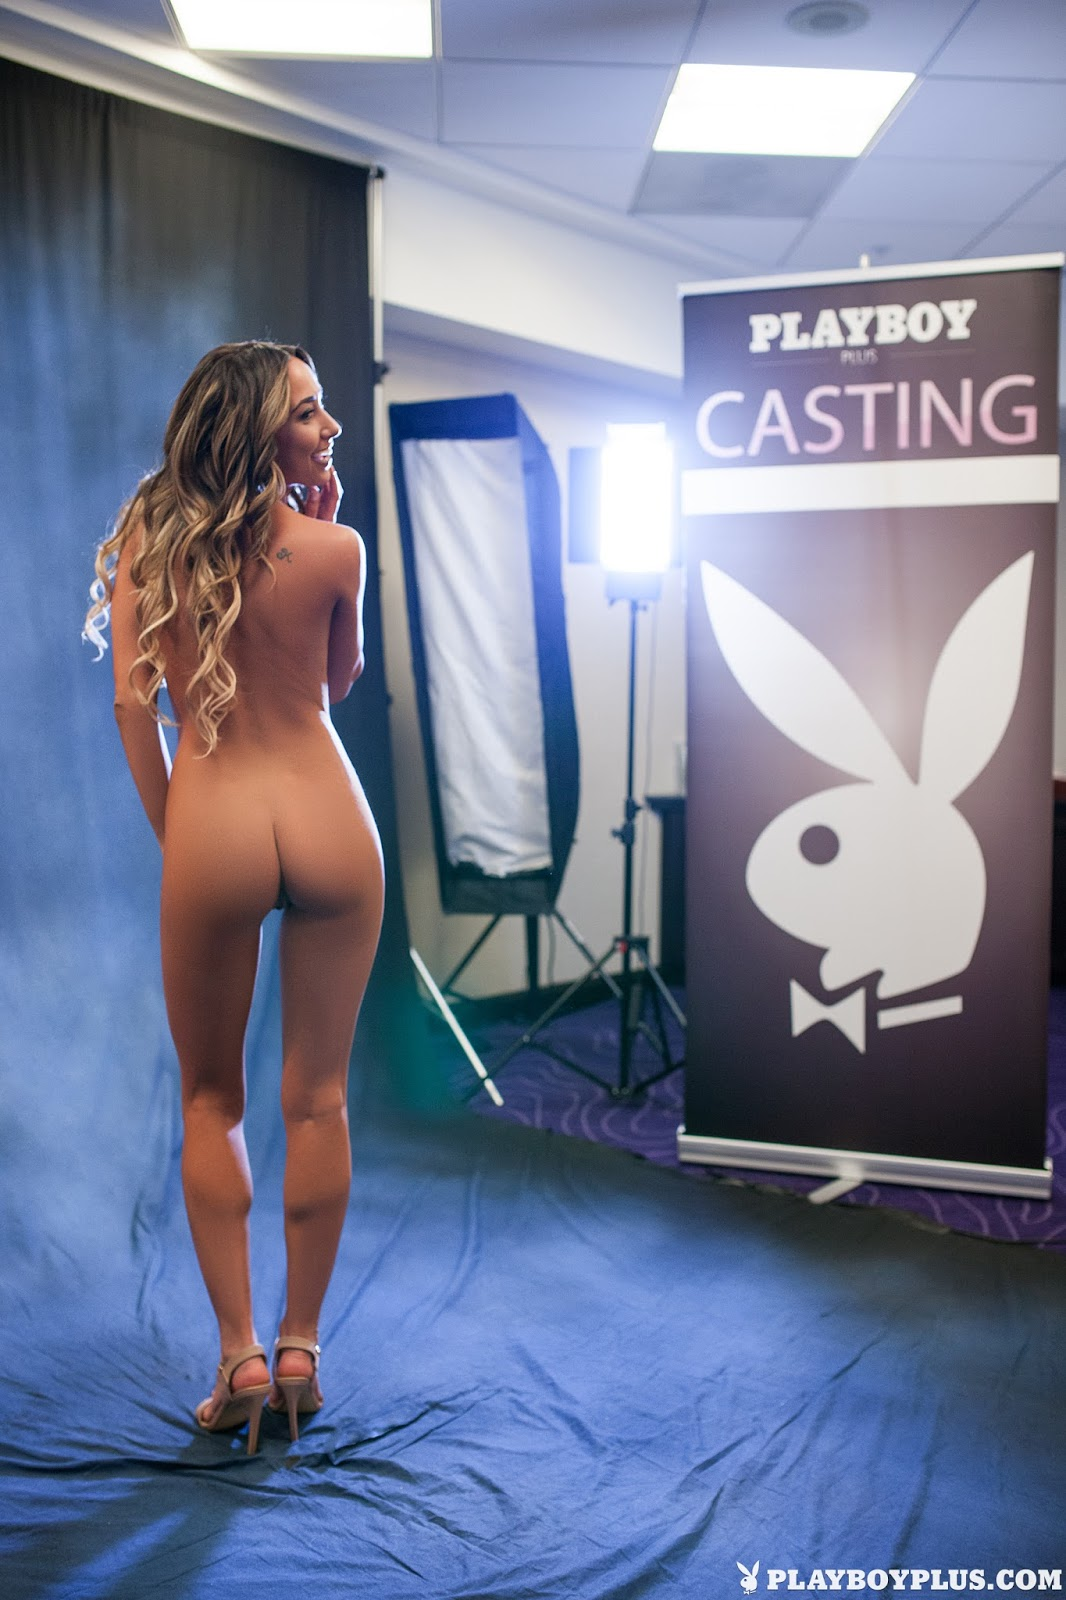 Огромными смотреть кастинг в плэйбой русских девок кокс порно